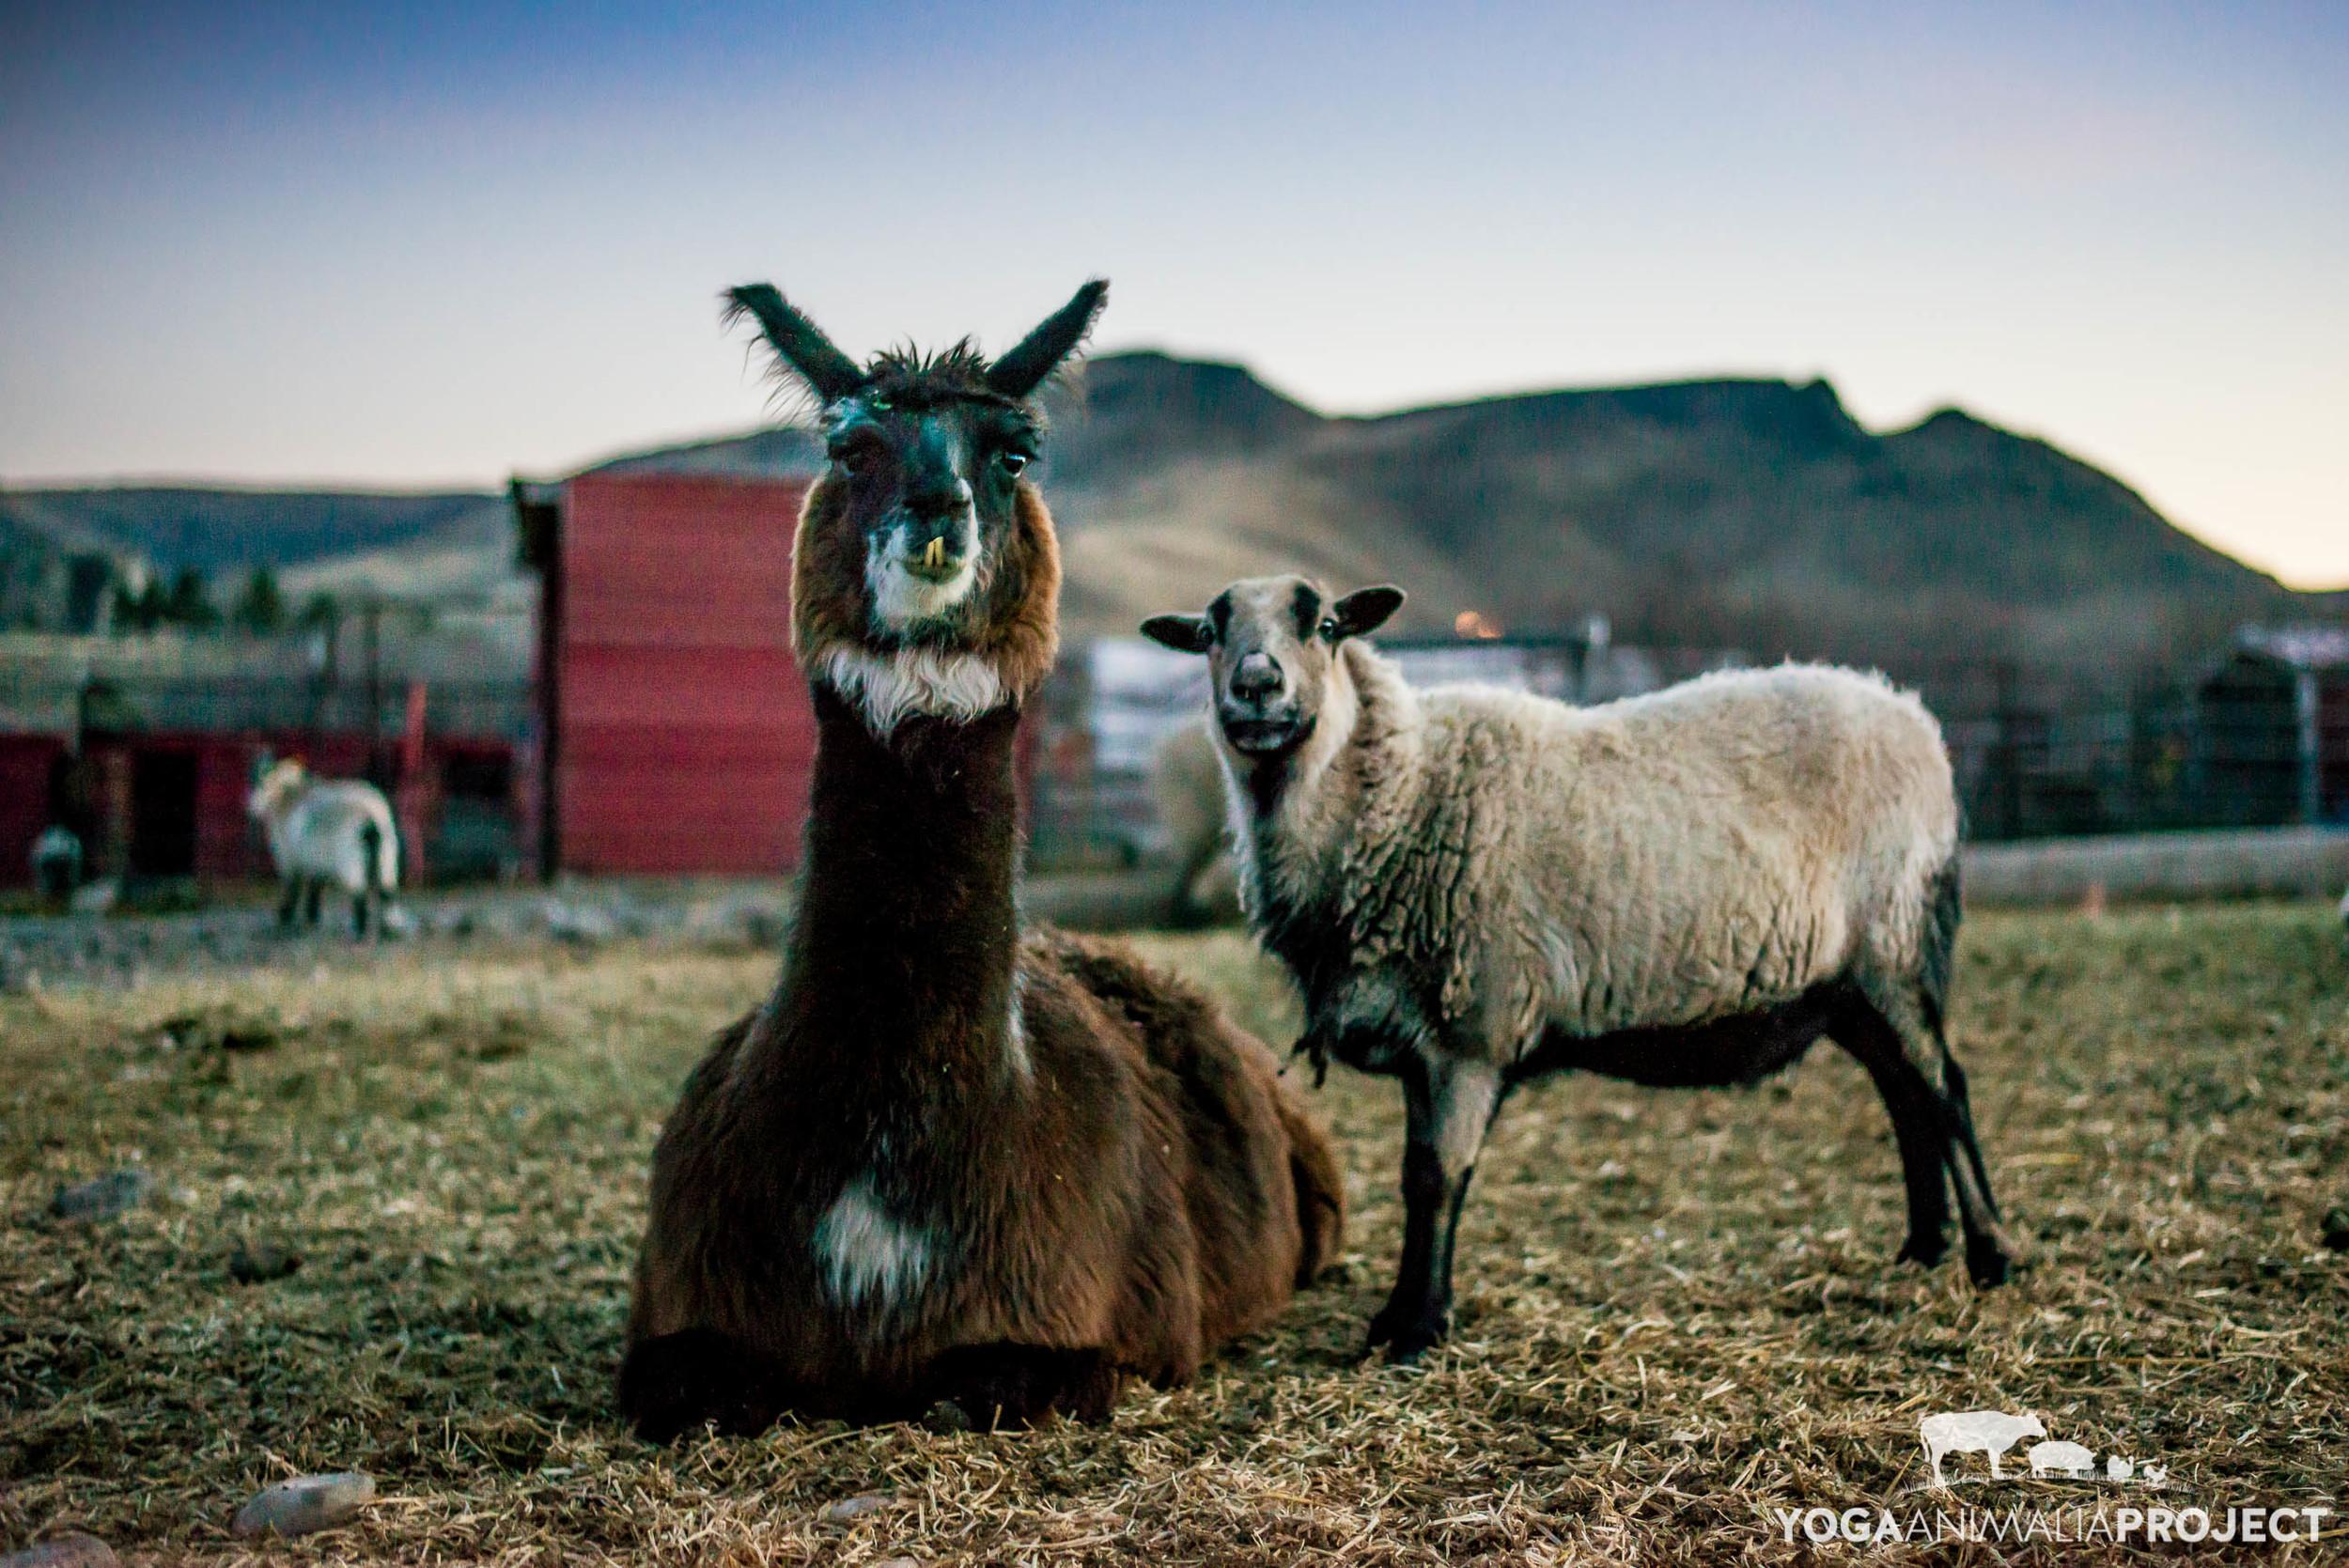 Bandit and Rose, Ching Farm Rescue and Sanctuary, Herriman, Utah